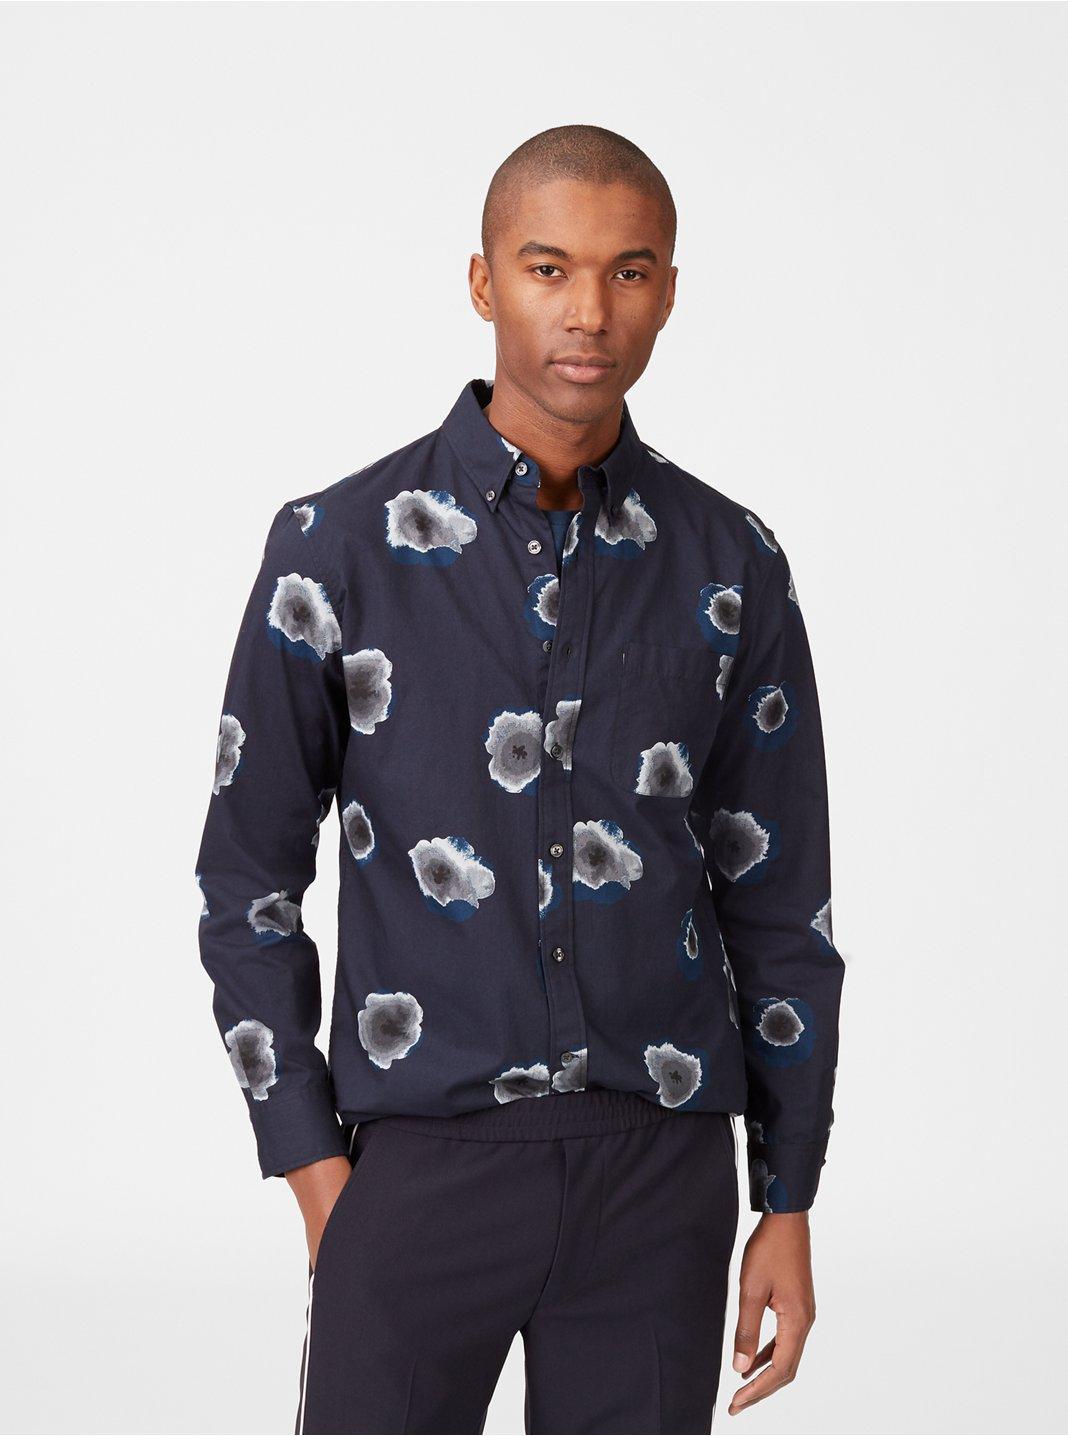 클럽 모나코 맨 슬림 모닝글로리 셔츠 - 미드나잇 Club Monaco Slim Morning Glory Shirt,Midnight Multi